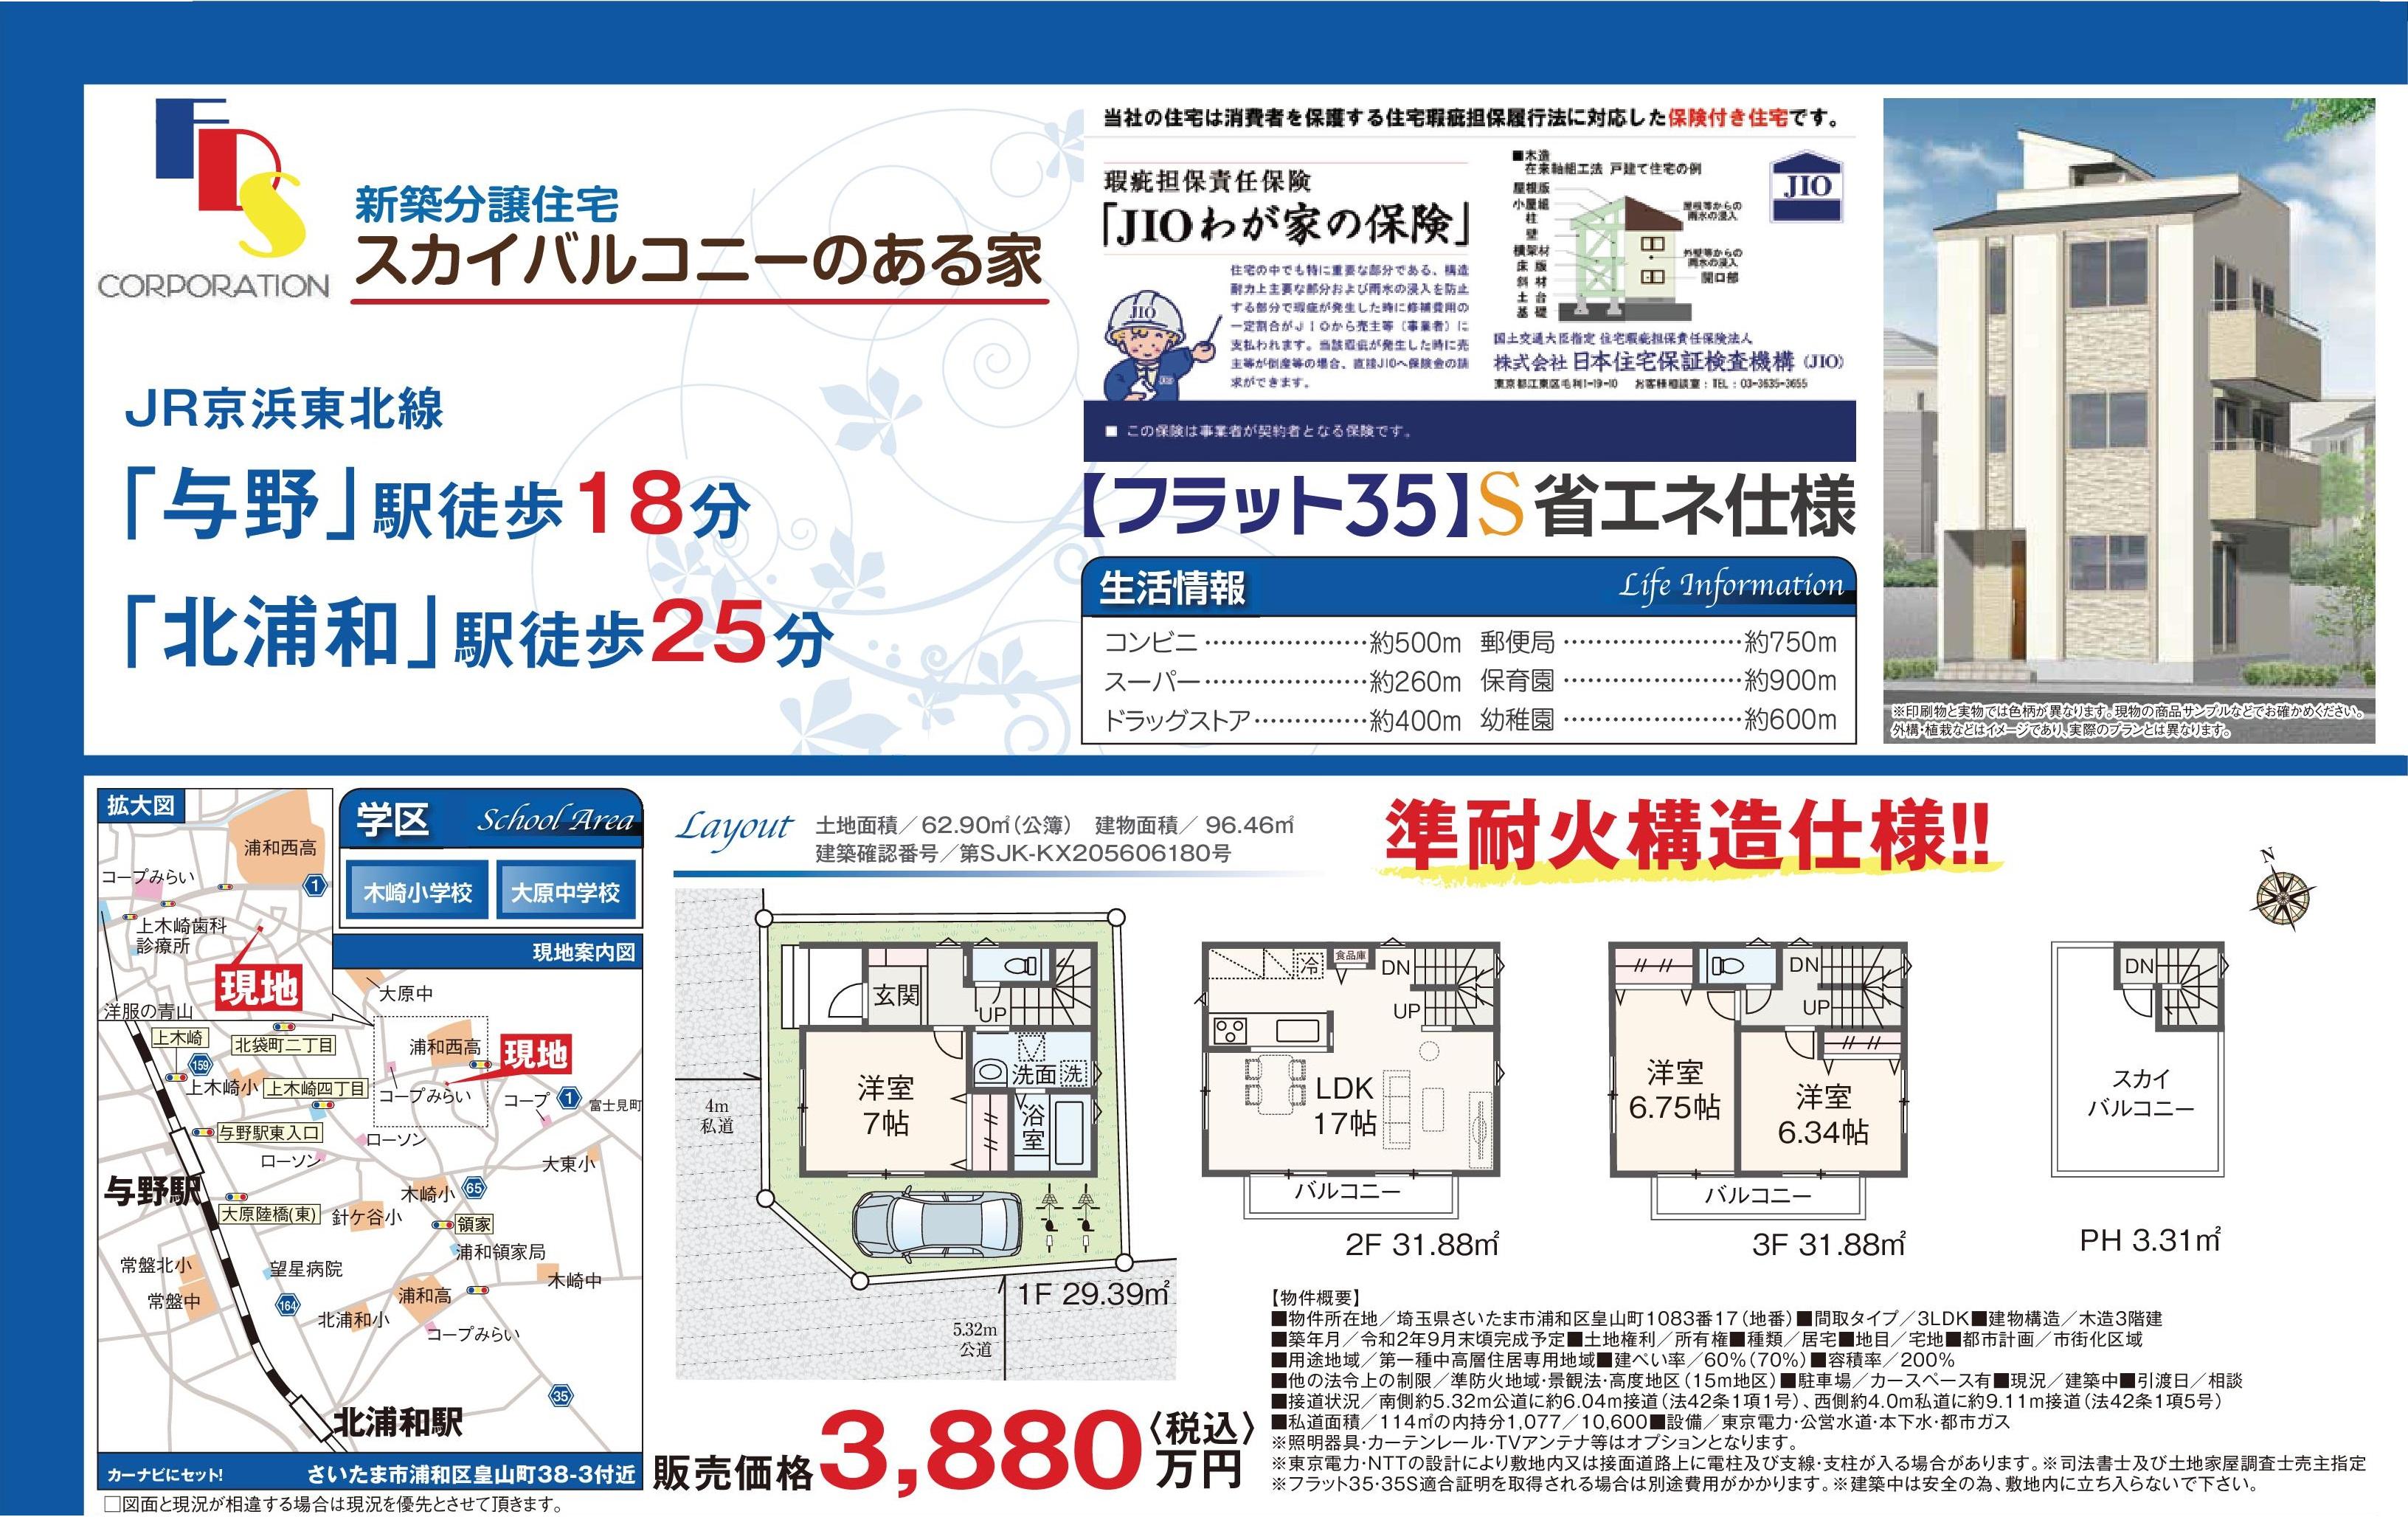 皇山町 最新情報 販売図面.jpg